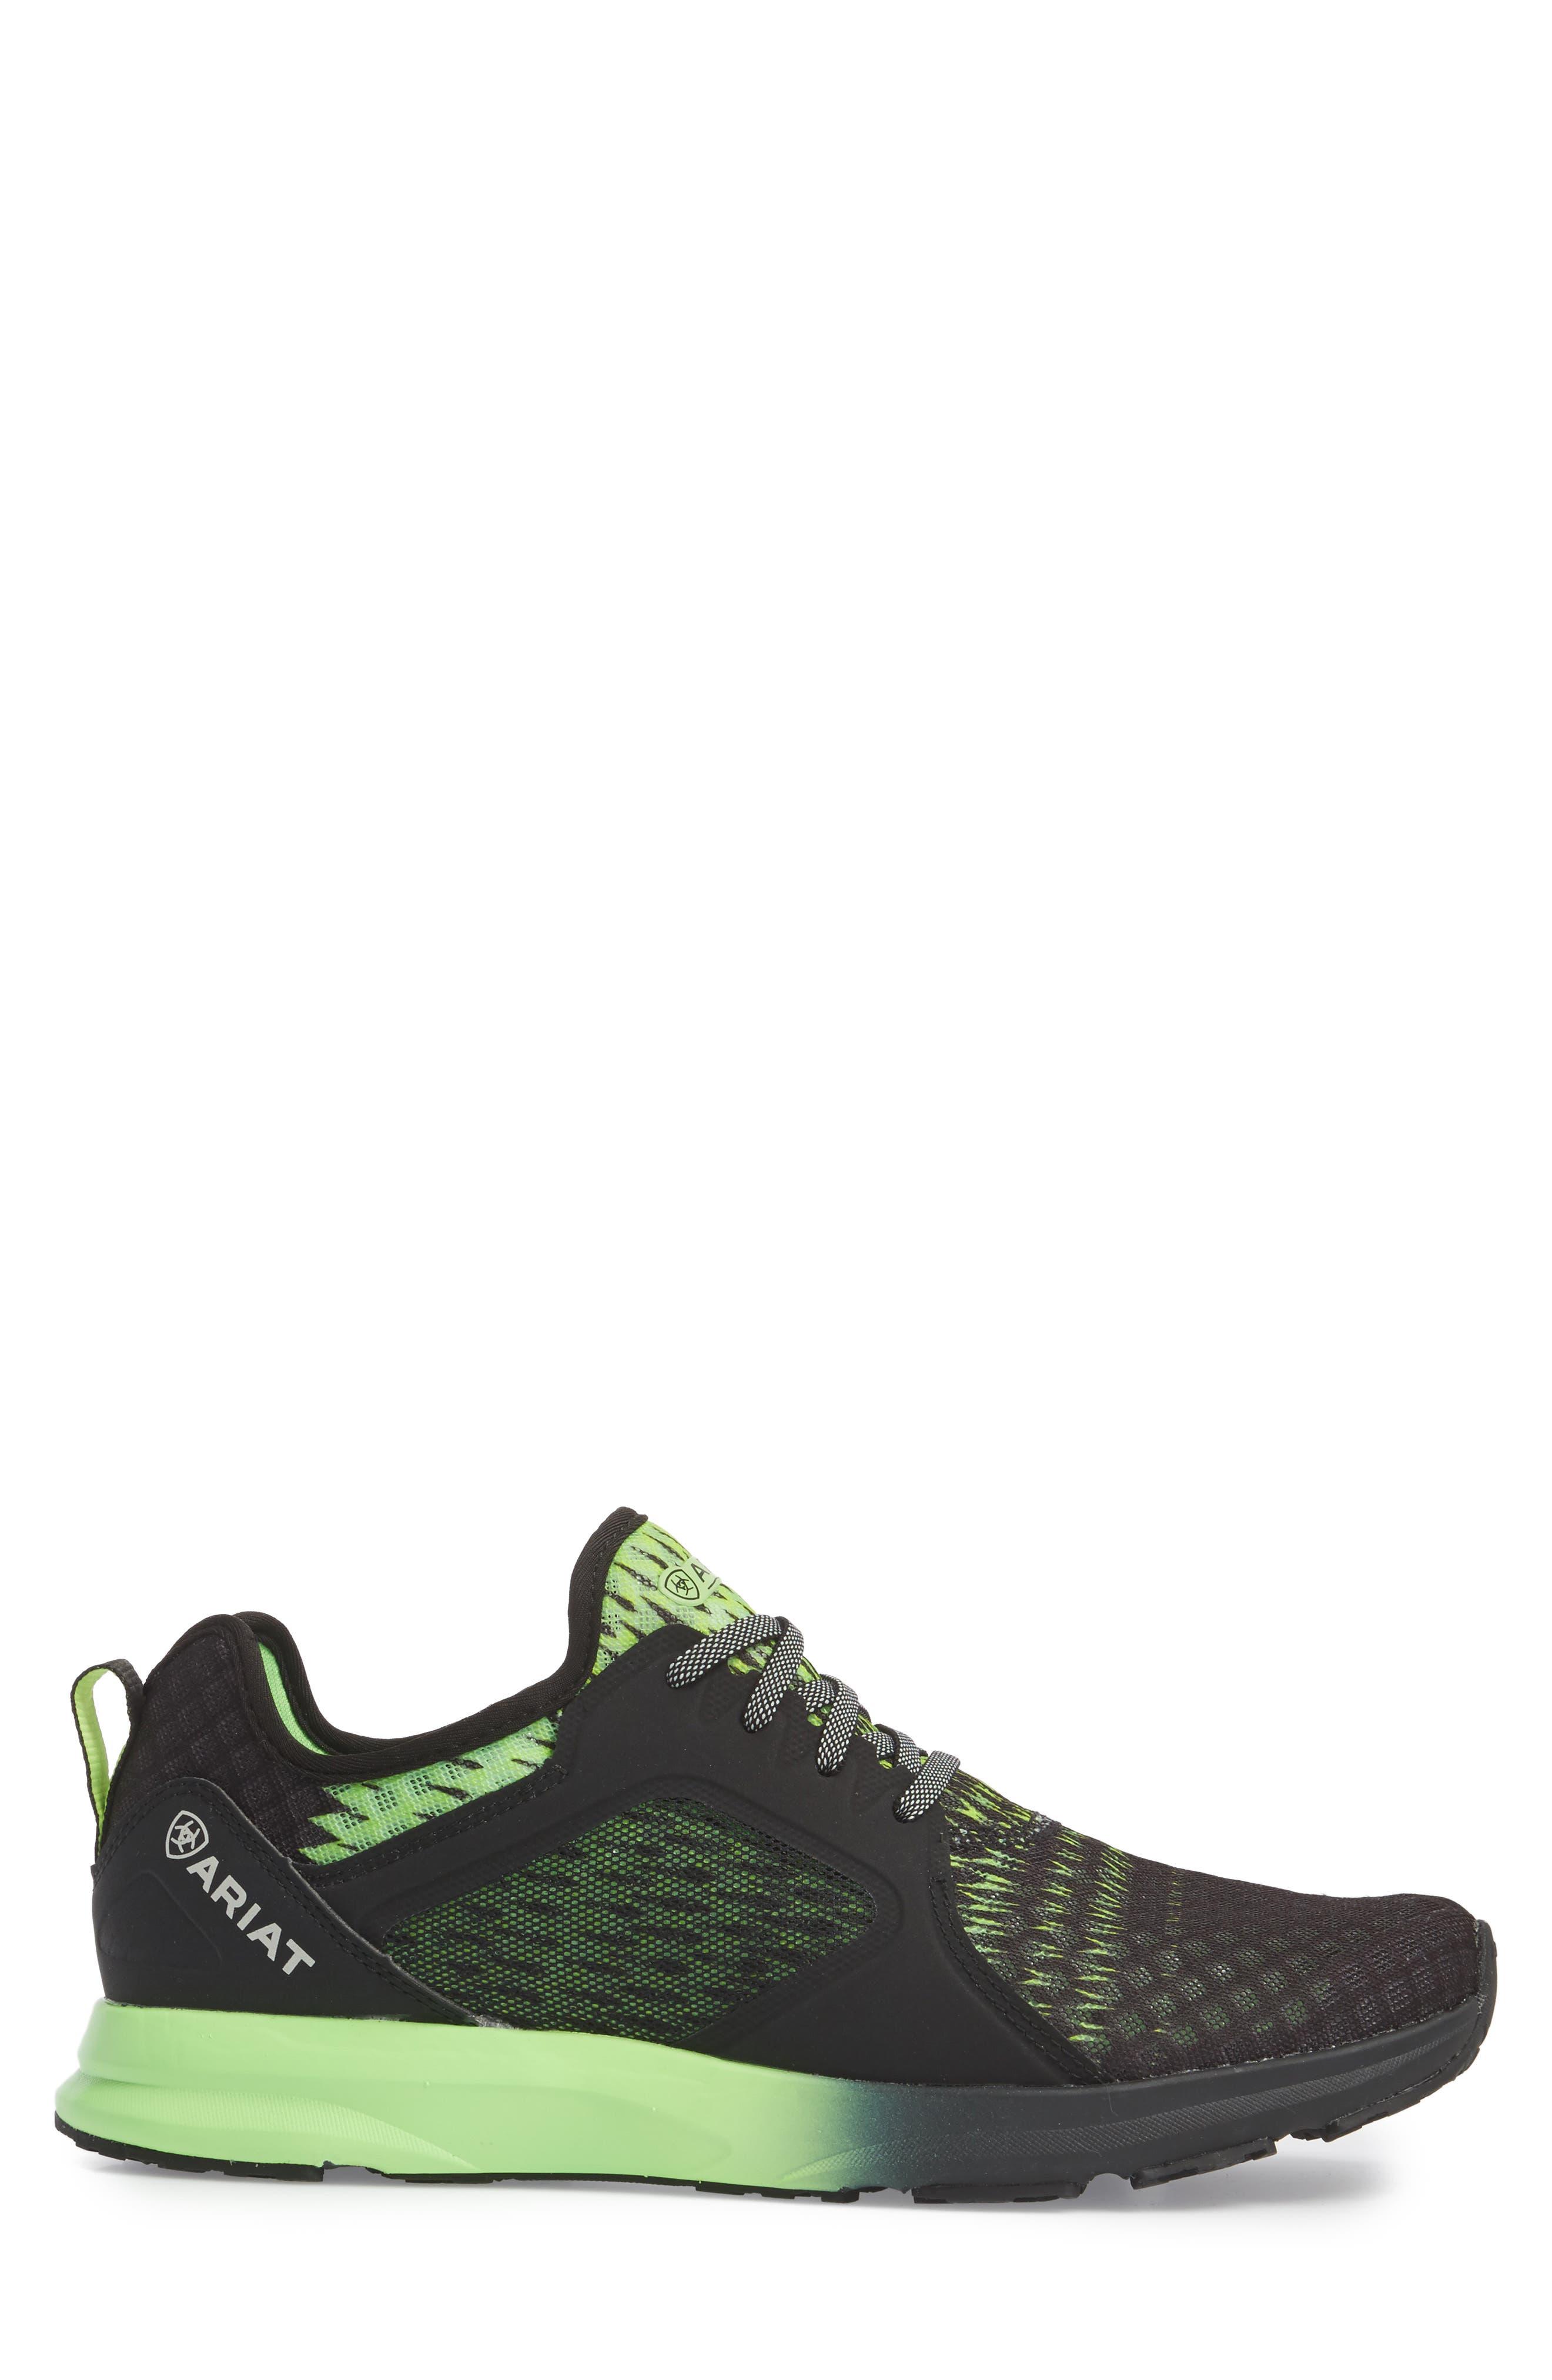 Fuse Ombré Sneaker,                             Alternate thumbnail 3, color,                             Black Ombre